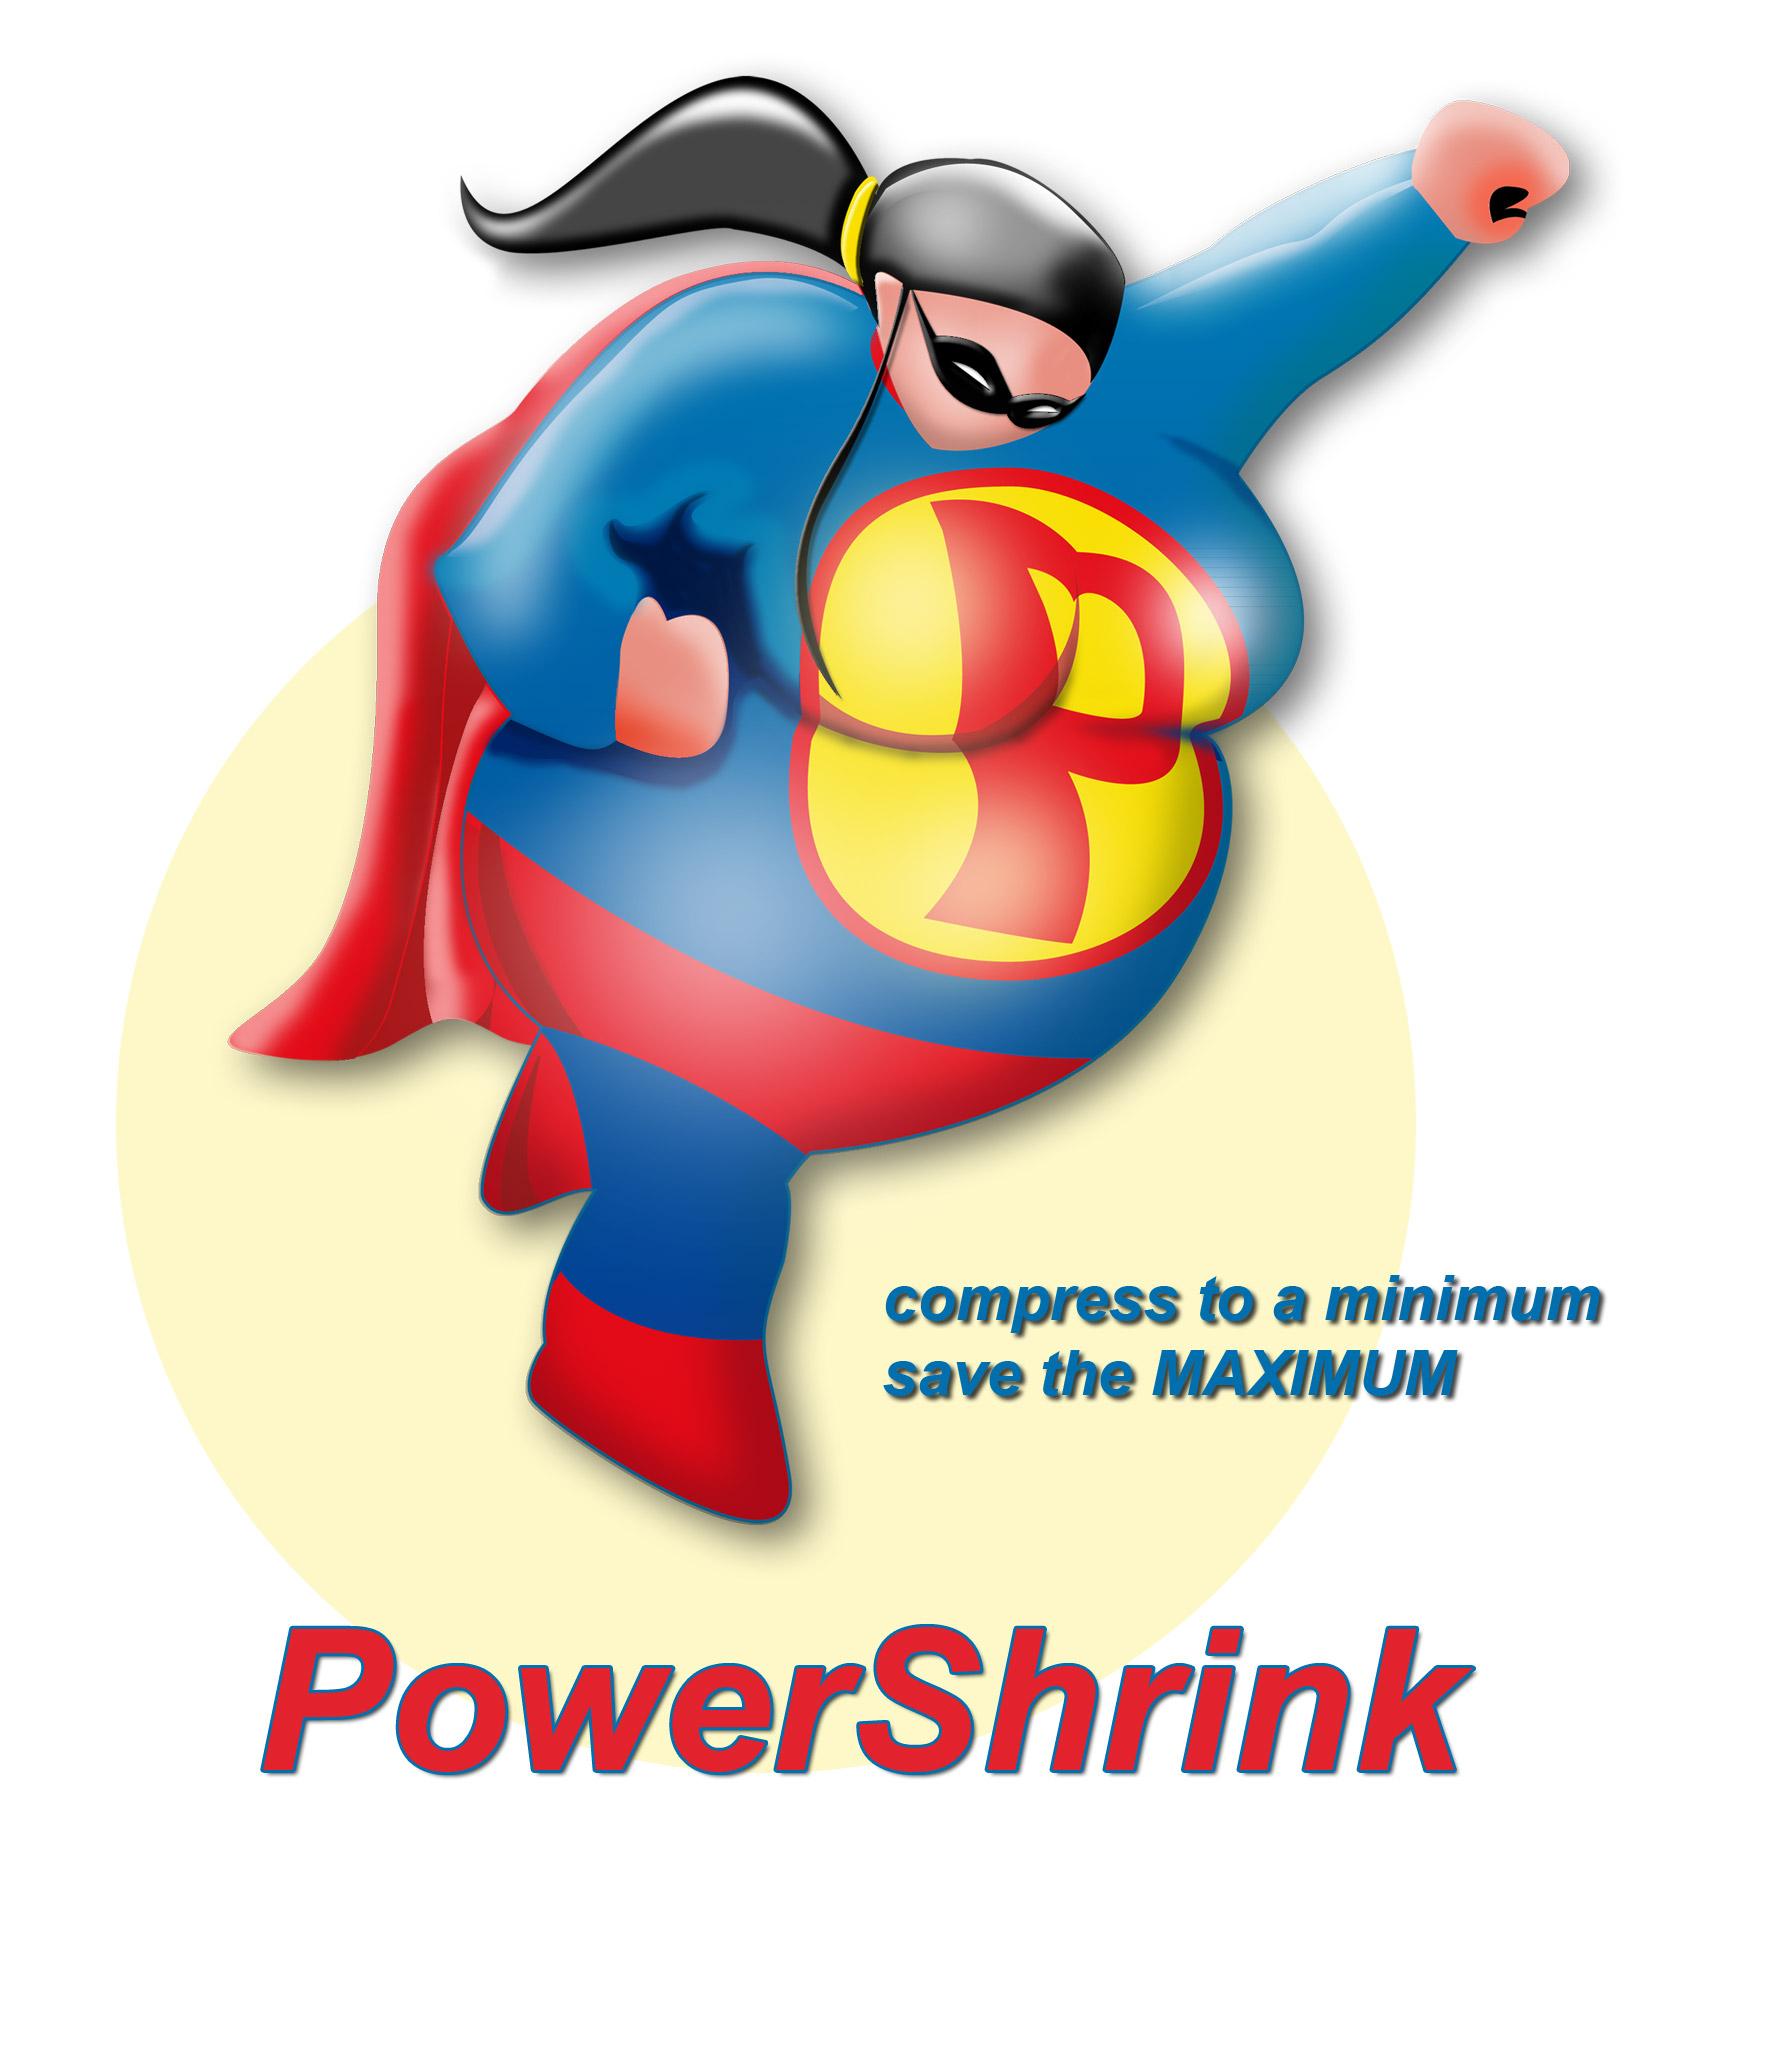 TopByteLabs Releases Update of PowerShrink PowerPoint